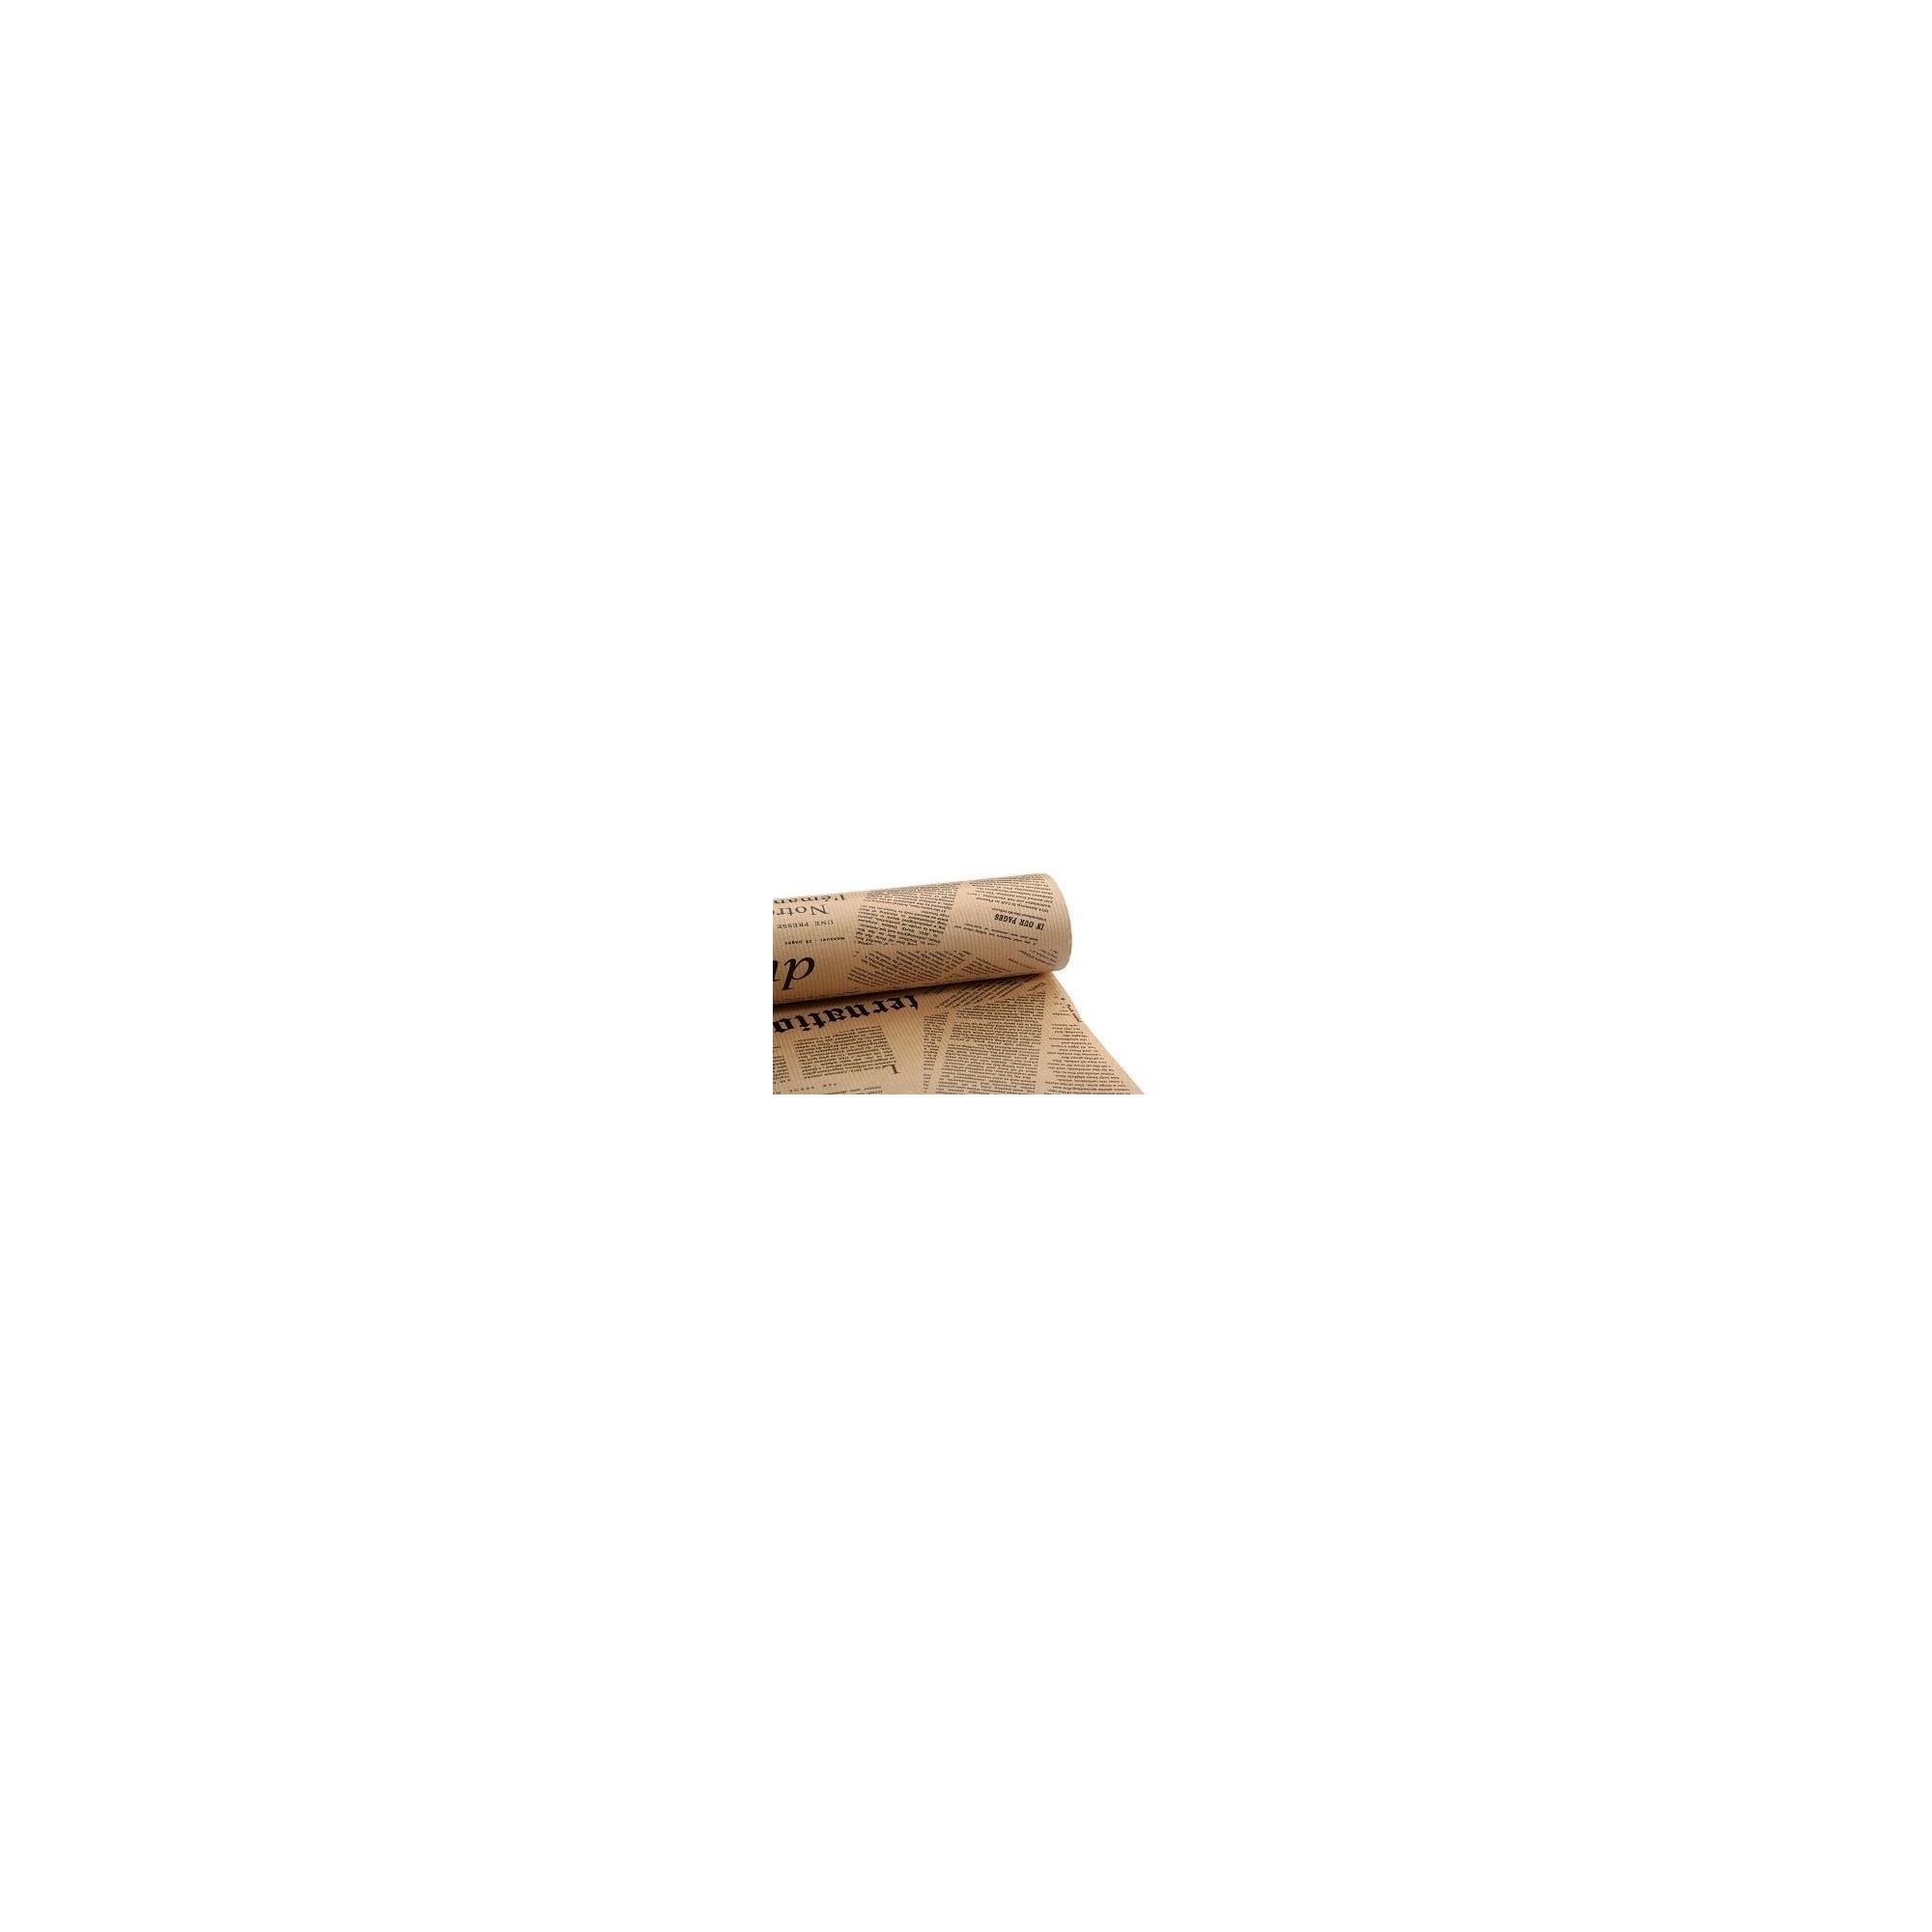 Ρολό Craft Εφημερίδα - NT-90036-4